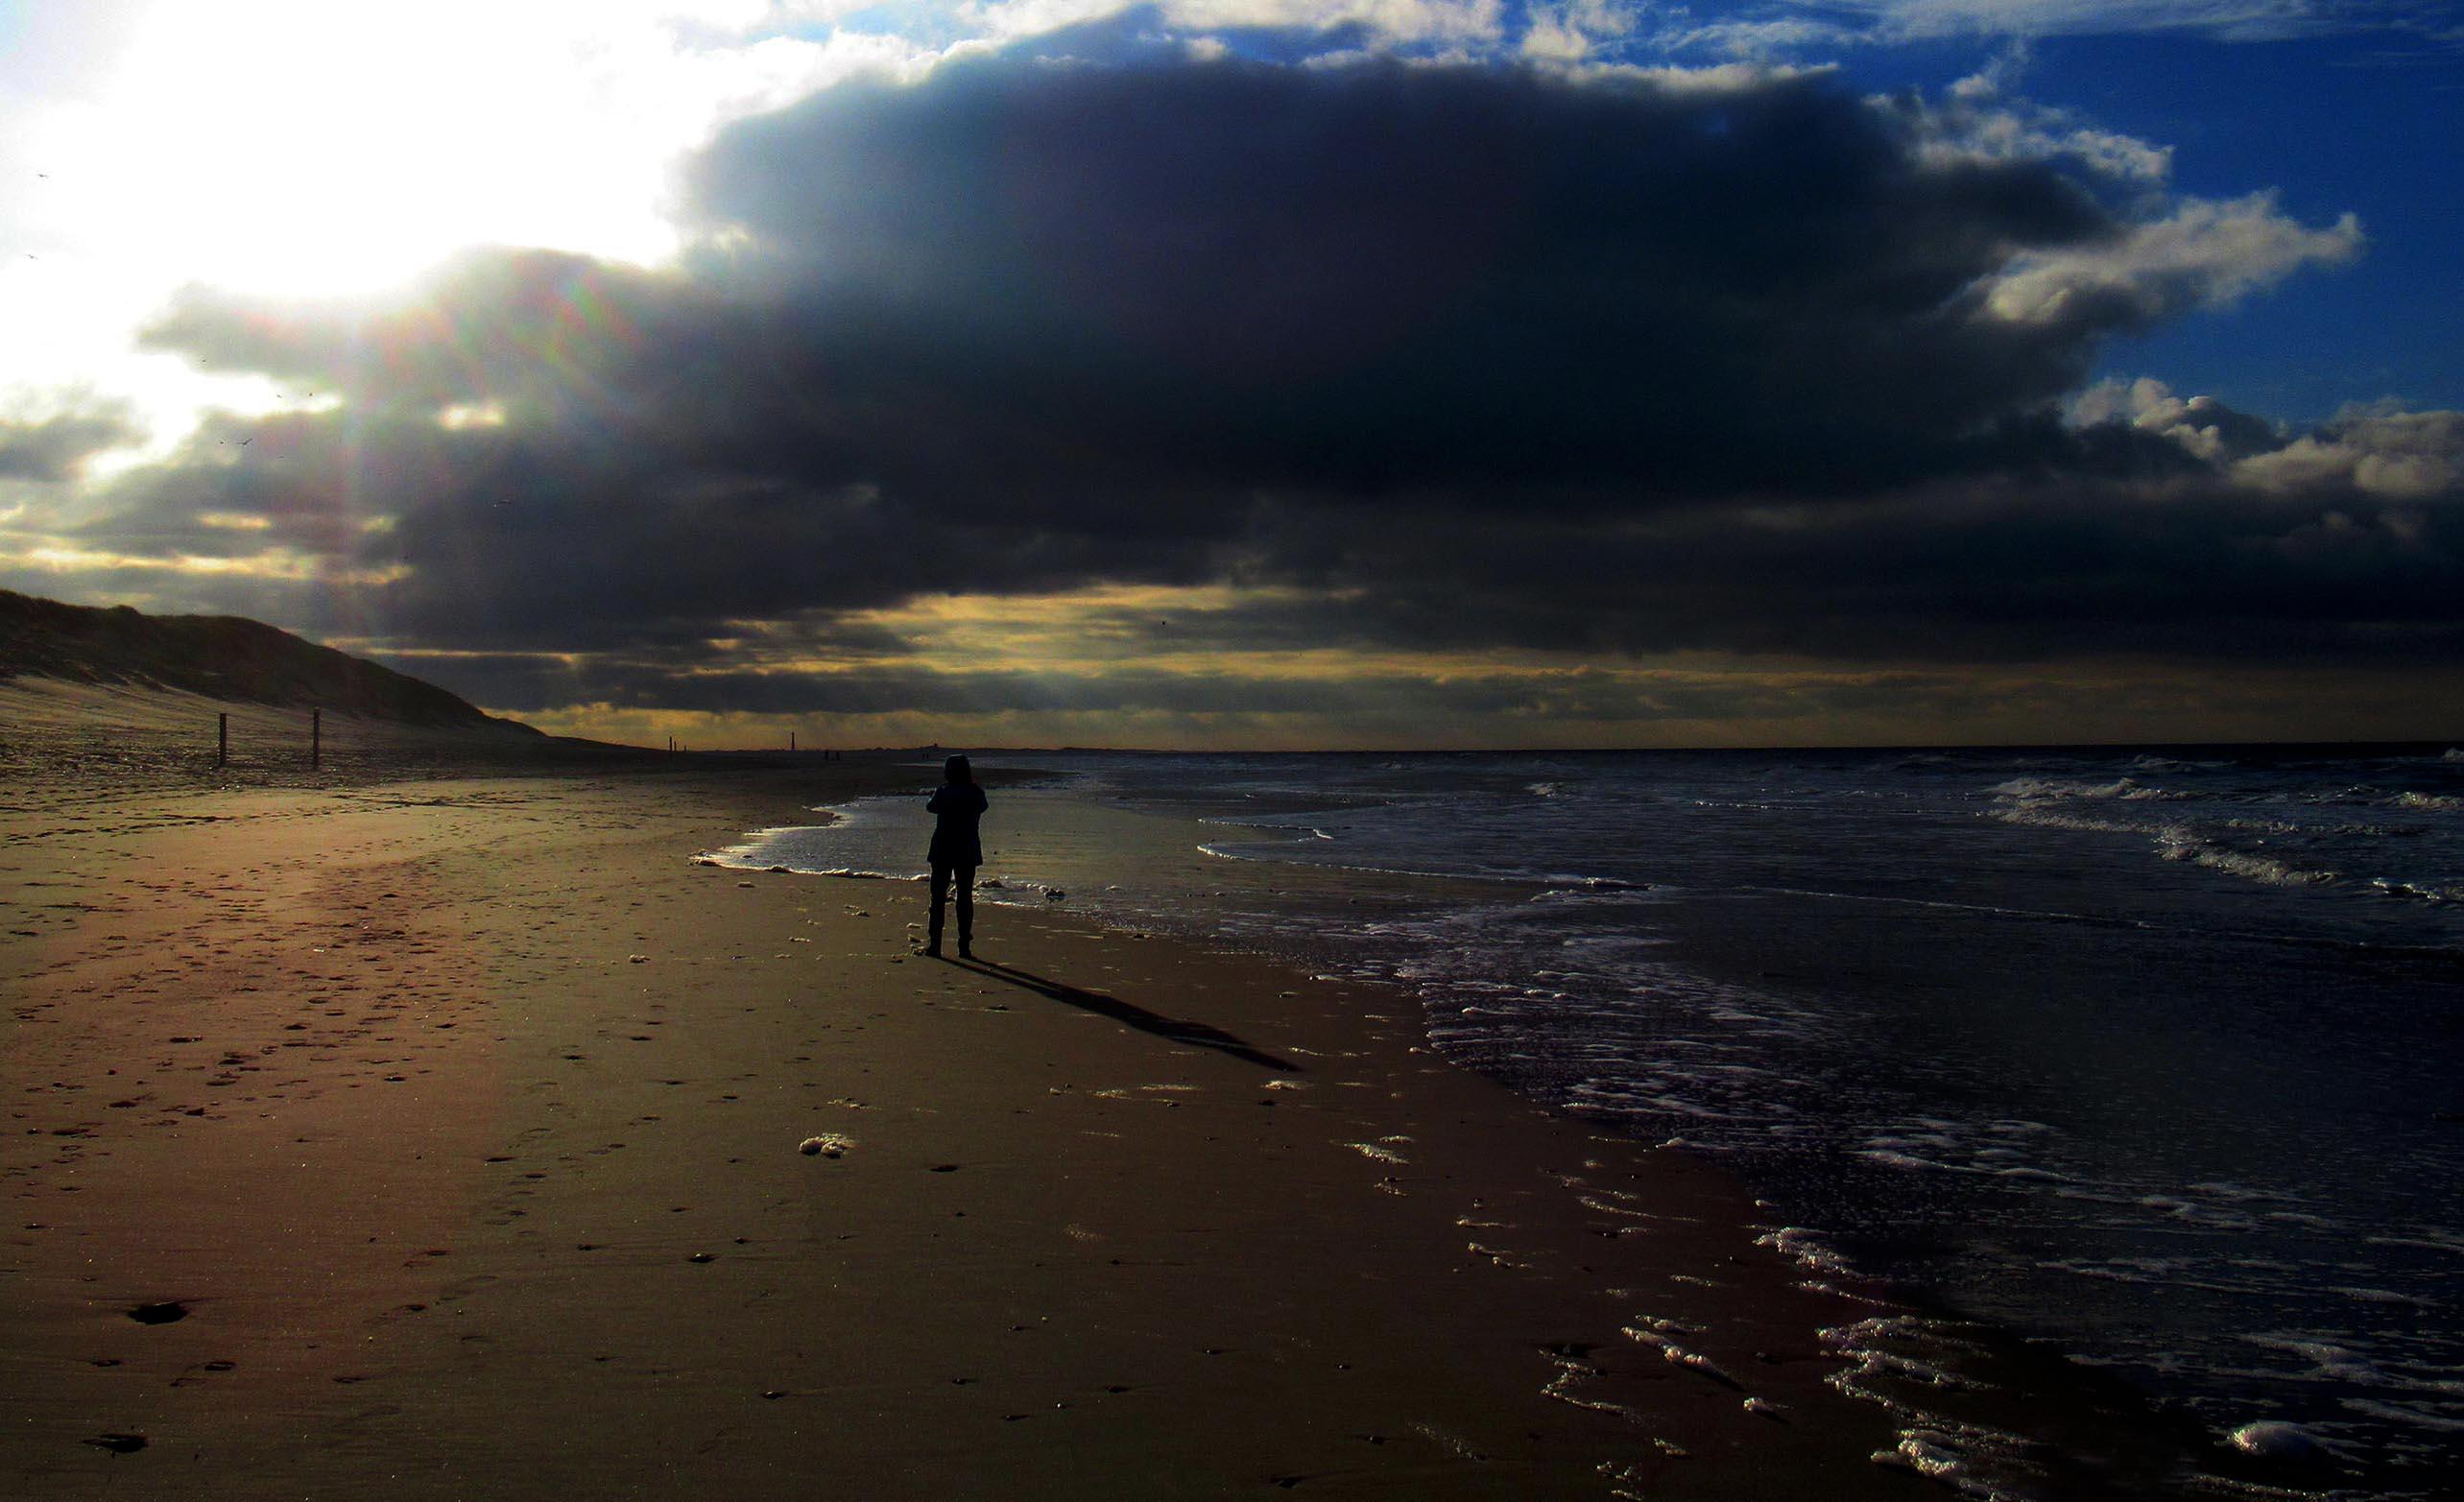 Fransien in het zonlicht... en... toen kwam een grote donkere wolk aandrijven, – Foto: ©Louis Fraanje